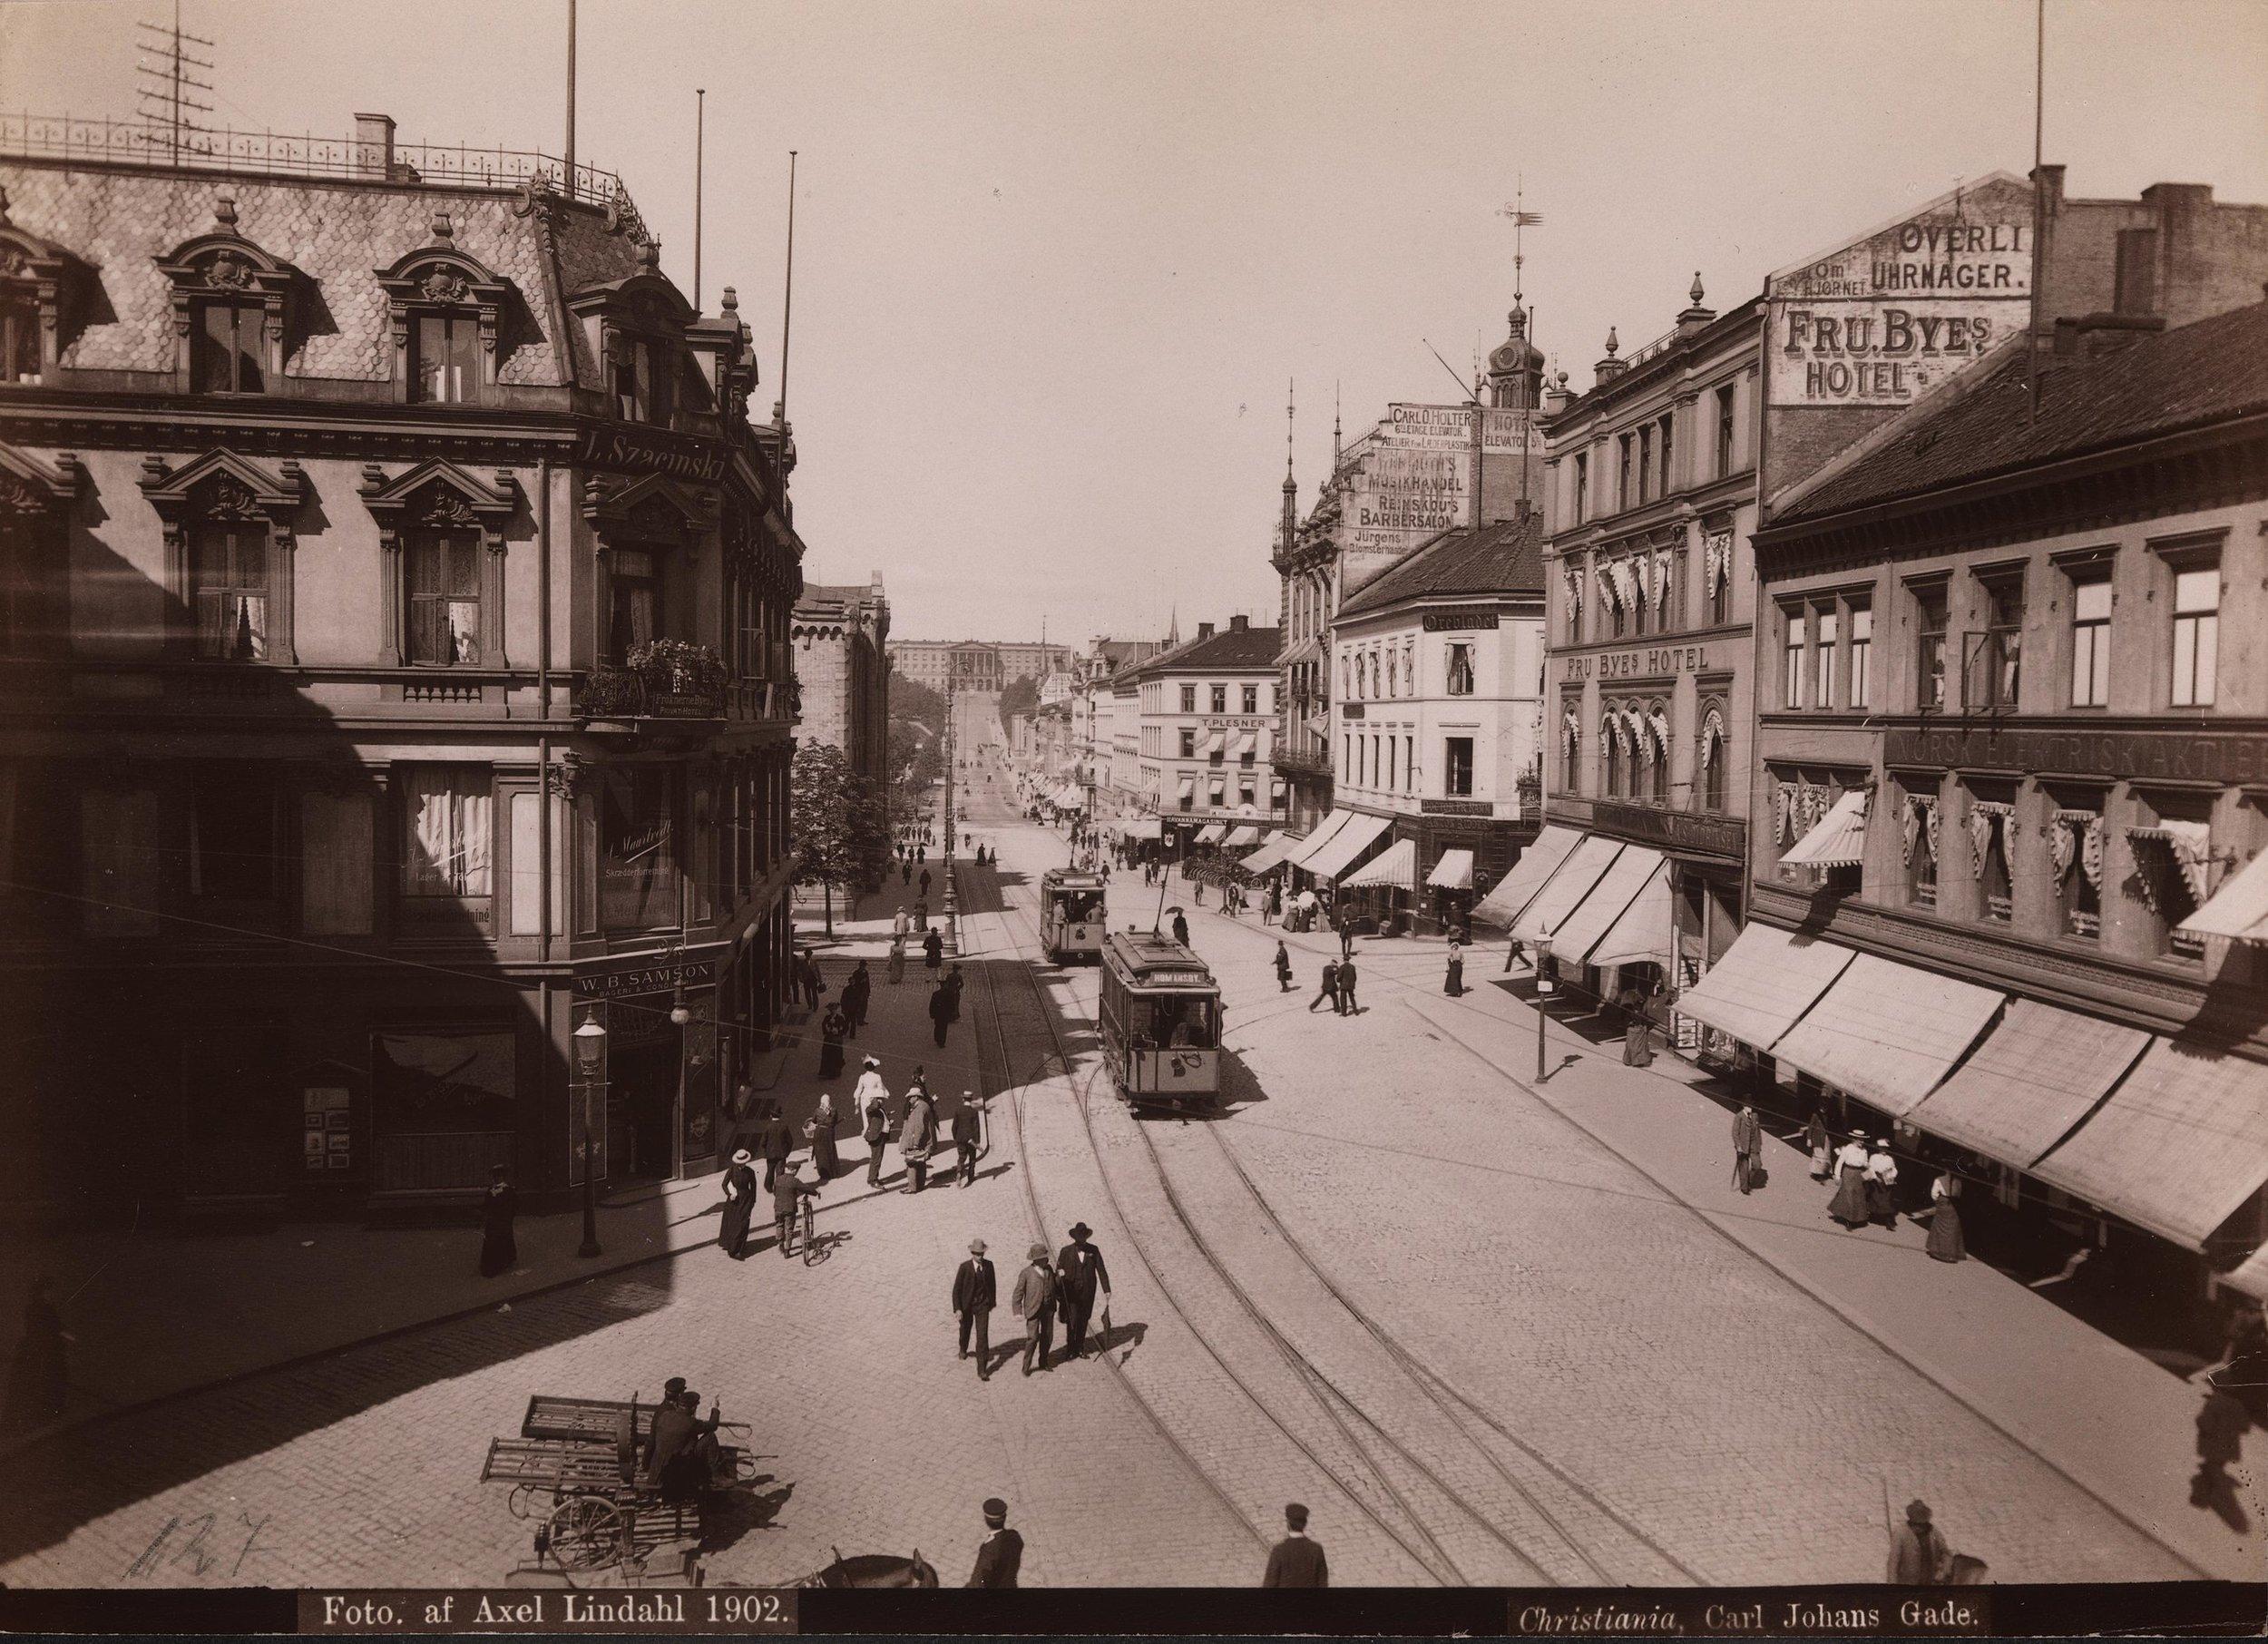 Utsikt fra Egertorget over  Karl Johans gate  opp mot  slottet  1902, med blant annet Fru Byes Hotel og W. B. Samson Bageri & Conditori Foto:  Axel Lindahl